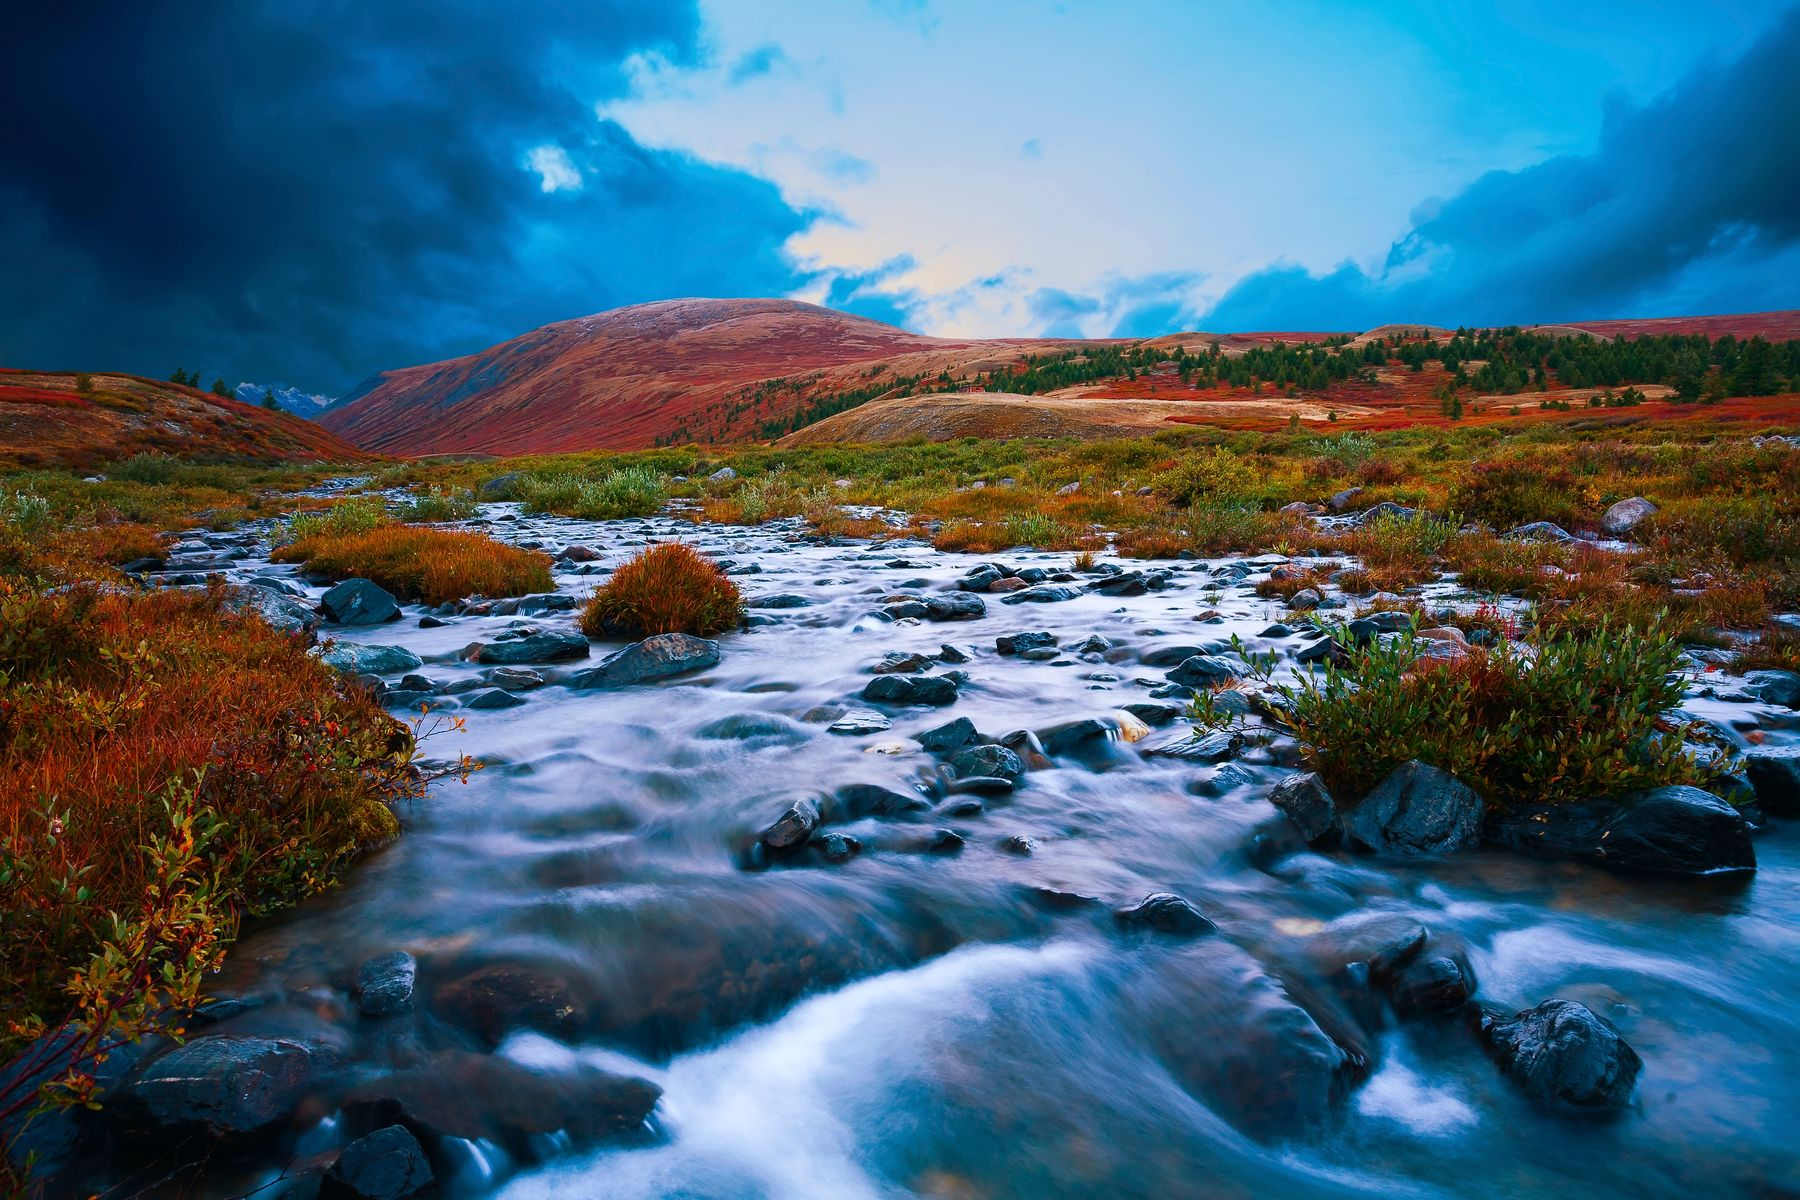 fast flowing water through orange desert landscape